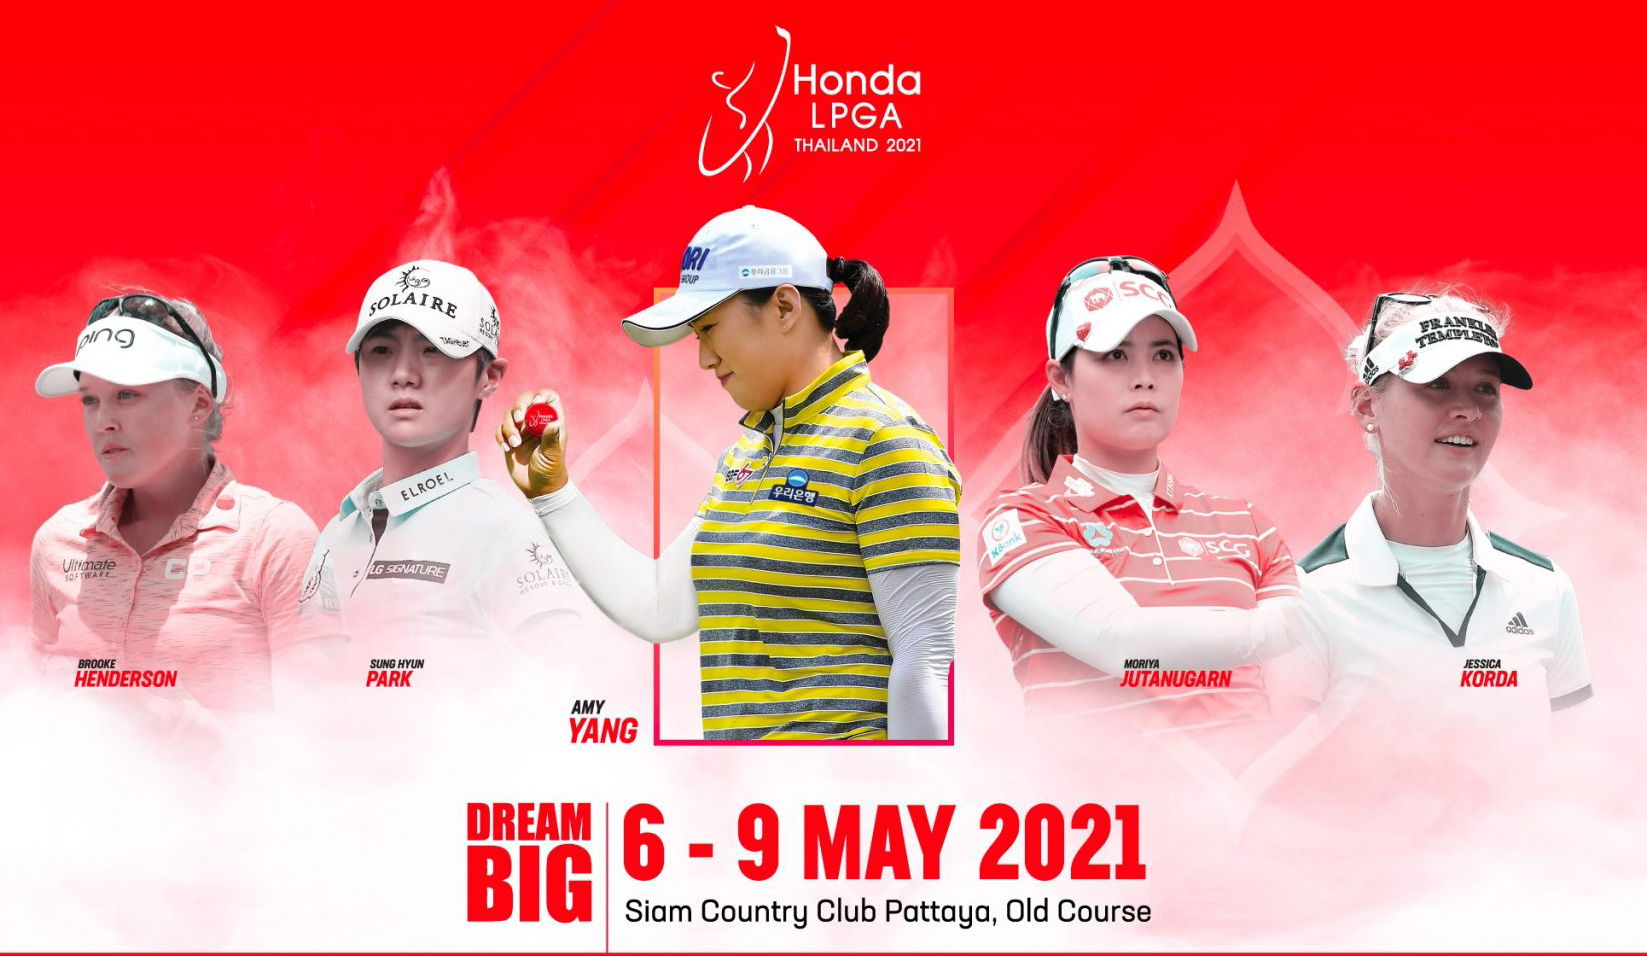 Honda LPGA Thailand 2021